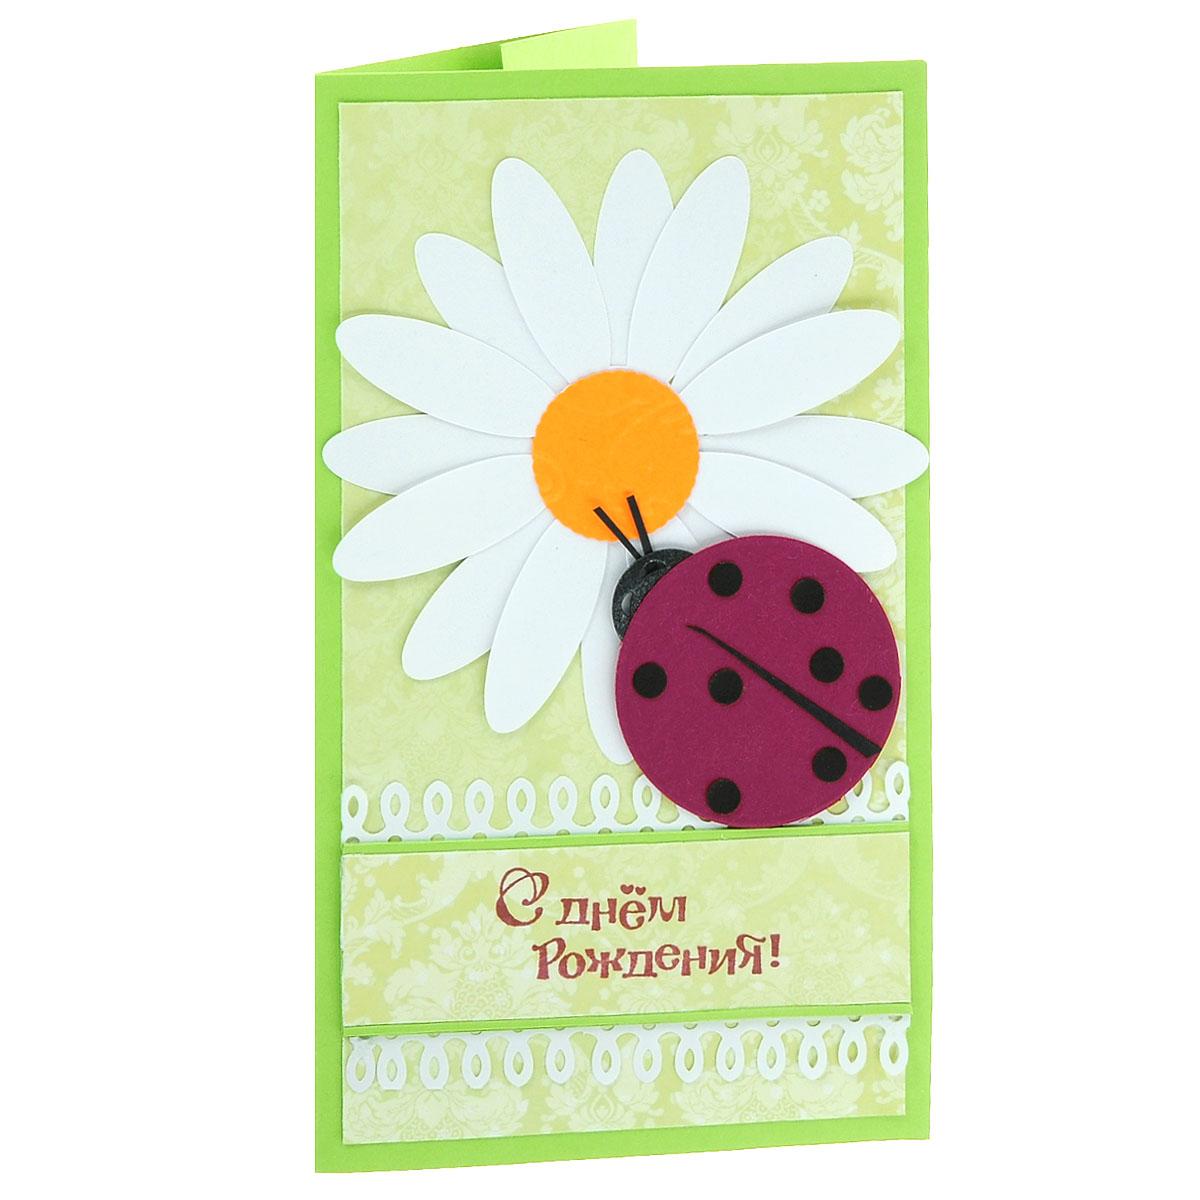 ОЖ-0013 Открытка-конверт «С Днём Рождения!» (ромашка и б.коровка). Студия «Тётя Роза».95221Характеристики: Размер 19 см x 11 см.Материал: Высоко-художественный картон, бумага, декор.Описание: Данная открытка может стать как прекрасным дополнением к вашему подарку, так и самостоятельным подарком. Так как открытка является и конвертом, в который вы можете вложить ваш денежный подарок или просто написать ваши пожелания на вкладыше.Веселое, легкое, летнее поздравление поднимет настроение вашей подружке, маме или бабушке. Огромная ромашка во весь формат открытки напомнит о лете, а божья коровка перенесет воспоминания в безмятежное и счастливое детство.Так же открытка упакована в пакетик для сохранности. Обращаем Ваше внимание на то, что открытка может незначительно отличаться от представленной на фото. Открытки ручной работы от студии Тётя Роза отличаются своим неповторимым и ярким стилем. Каждая уникальна и выполнена вручную мастерами студии. (Открытка для мужчин, открытка для женщины, открытка на день рождения, открытка с днем свадьбы, открытка винтаж, открытка с юбилеем, открытка на все случаи, скрапбукинг)